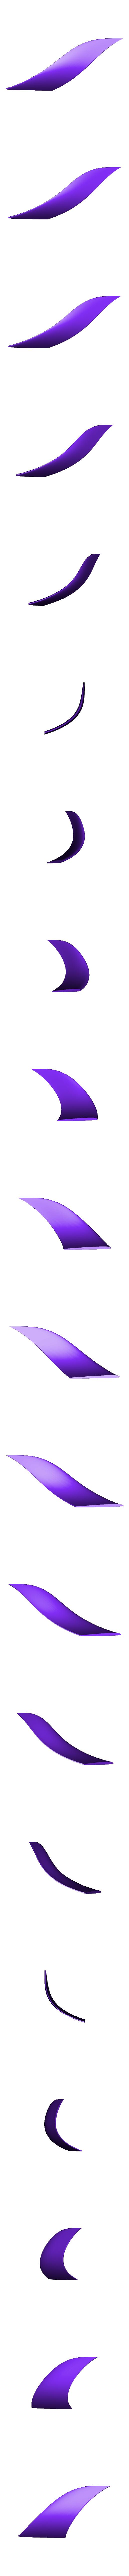 winglet.STL Télécharger fichier STL gratuit Airbus A350 XWB Lufthansa Airliner Sacle 1/100 • Design pour imprimante 3D, BeneHill